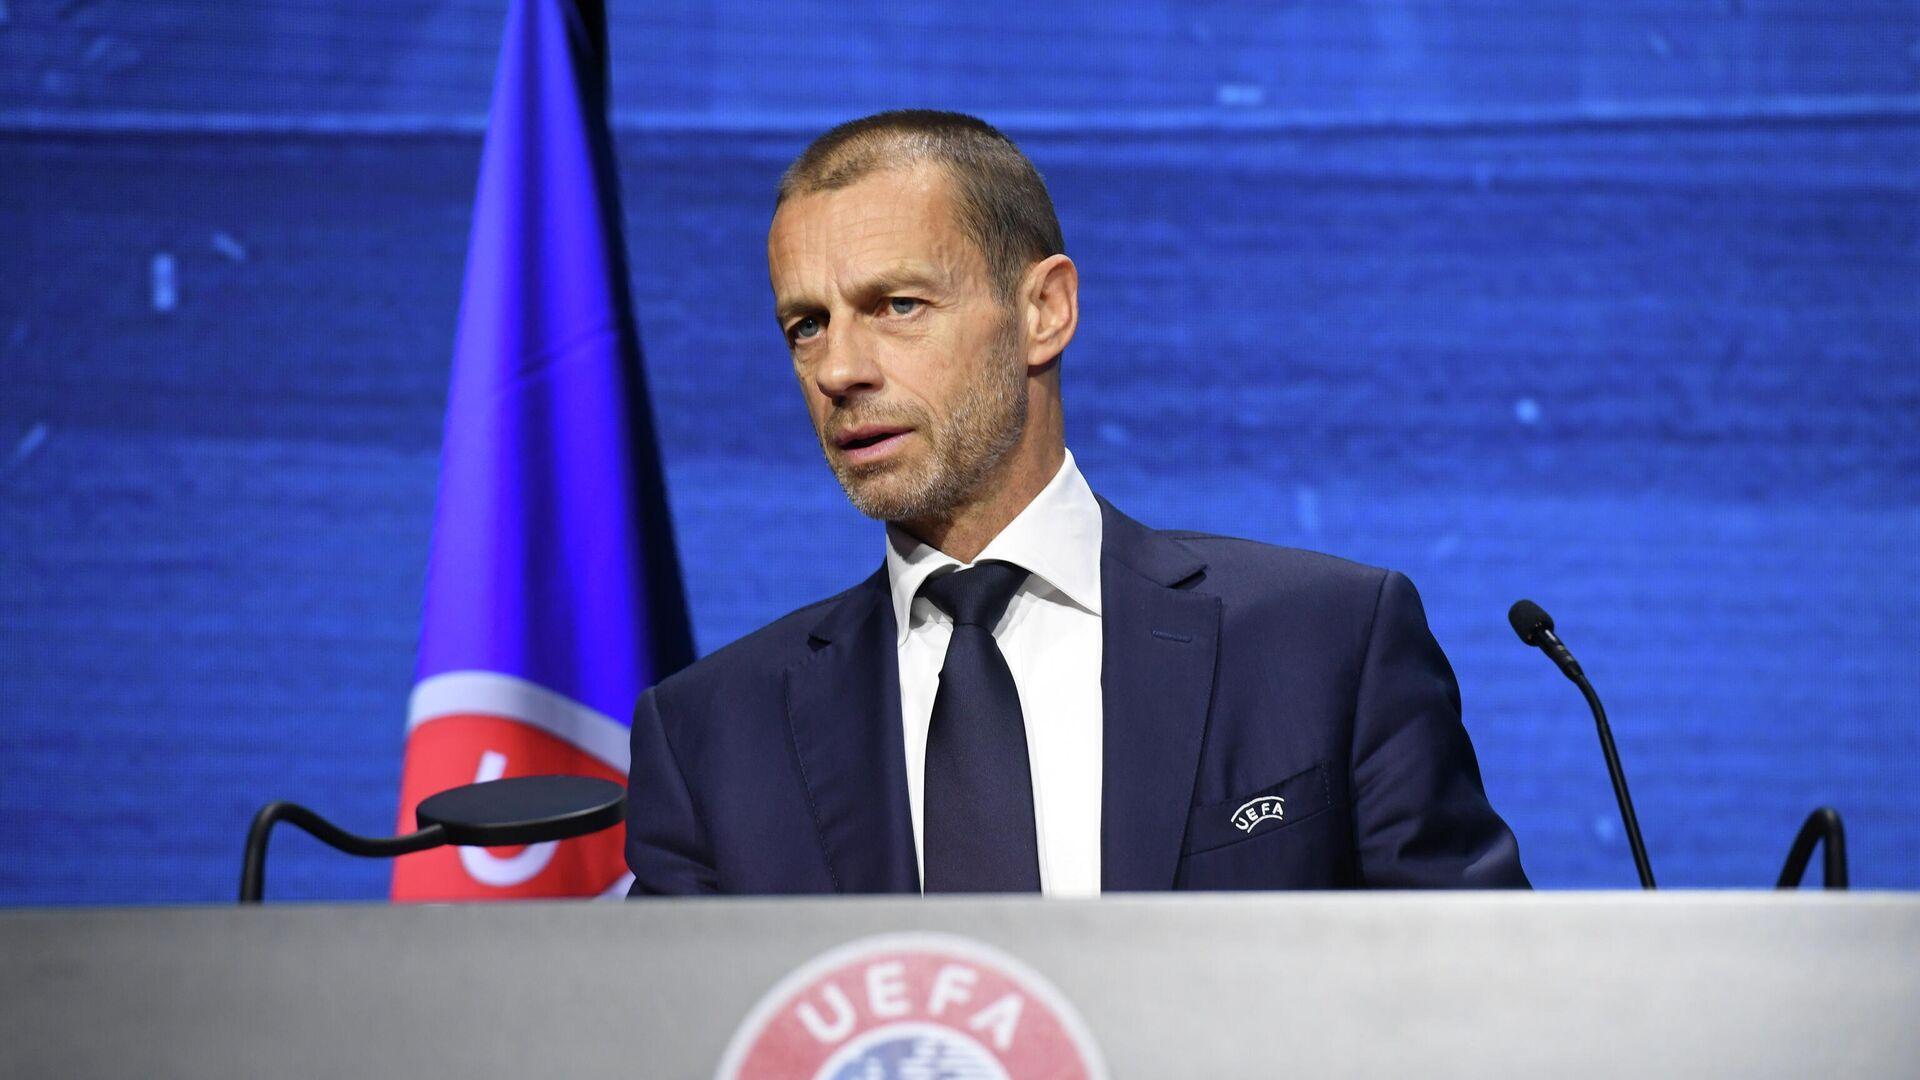 El presidente de la UEFA, Aleksander Ceferin - Sputnik Mundo, 1920, 21.04.2021